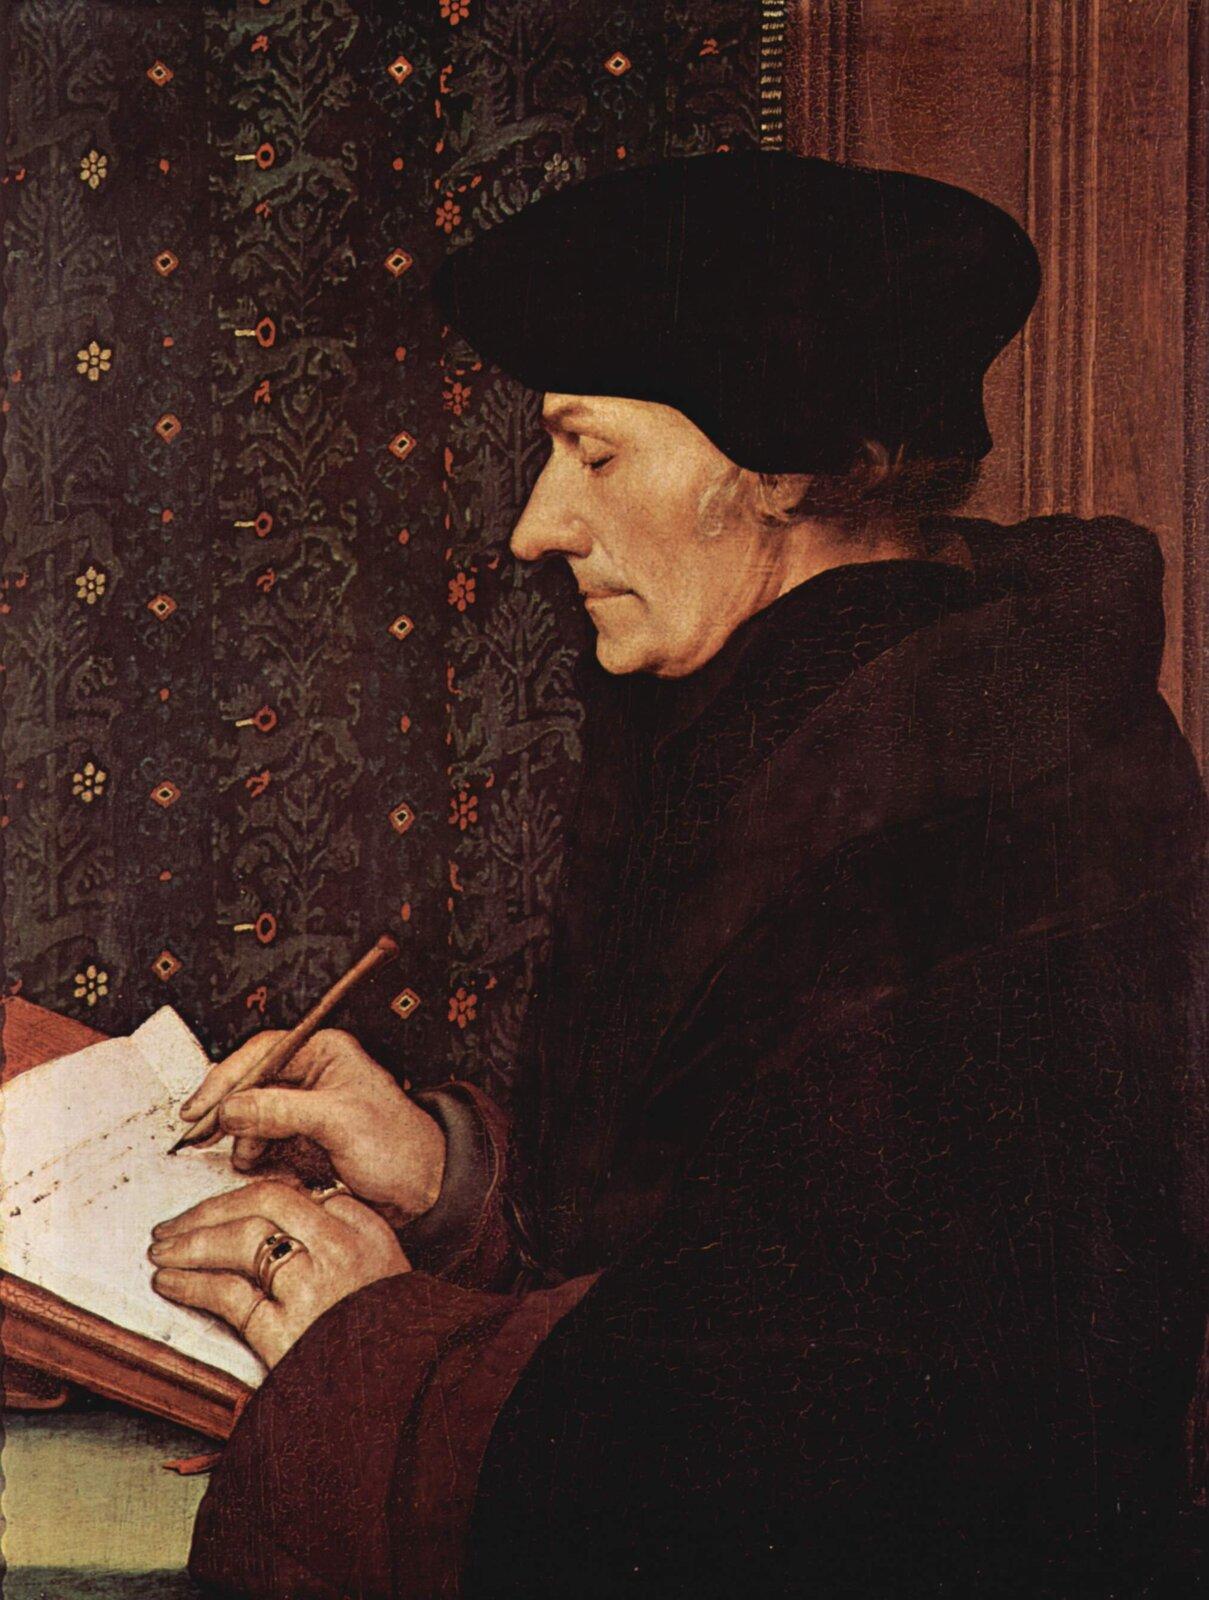 """Ilustracja przedstawia pracę Hans Holbein pod tytułem """"Portret Erazma zRotterdamu"""". Na obrazie widoczny jest portret Erazma siedzącego wpomieszczeniu inotującego coś wnotatniku za pomocą pióra. Pomieszczenie, wktórym znajduje się Erazm ma ściany koloru czerwono-brązowego. Erazm ubrany jest wdługi ciemny płaszcz ima na głowie czarną czapkę."""